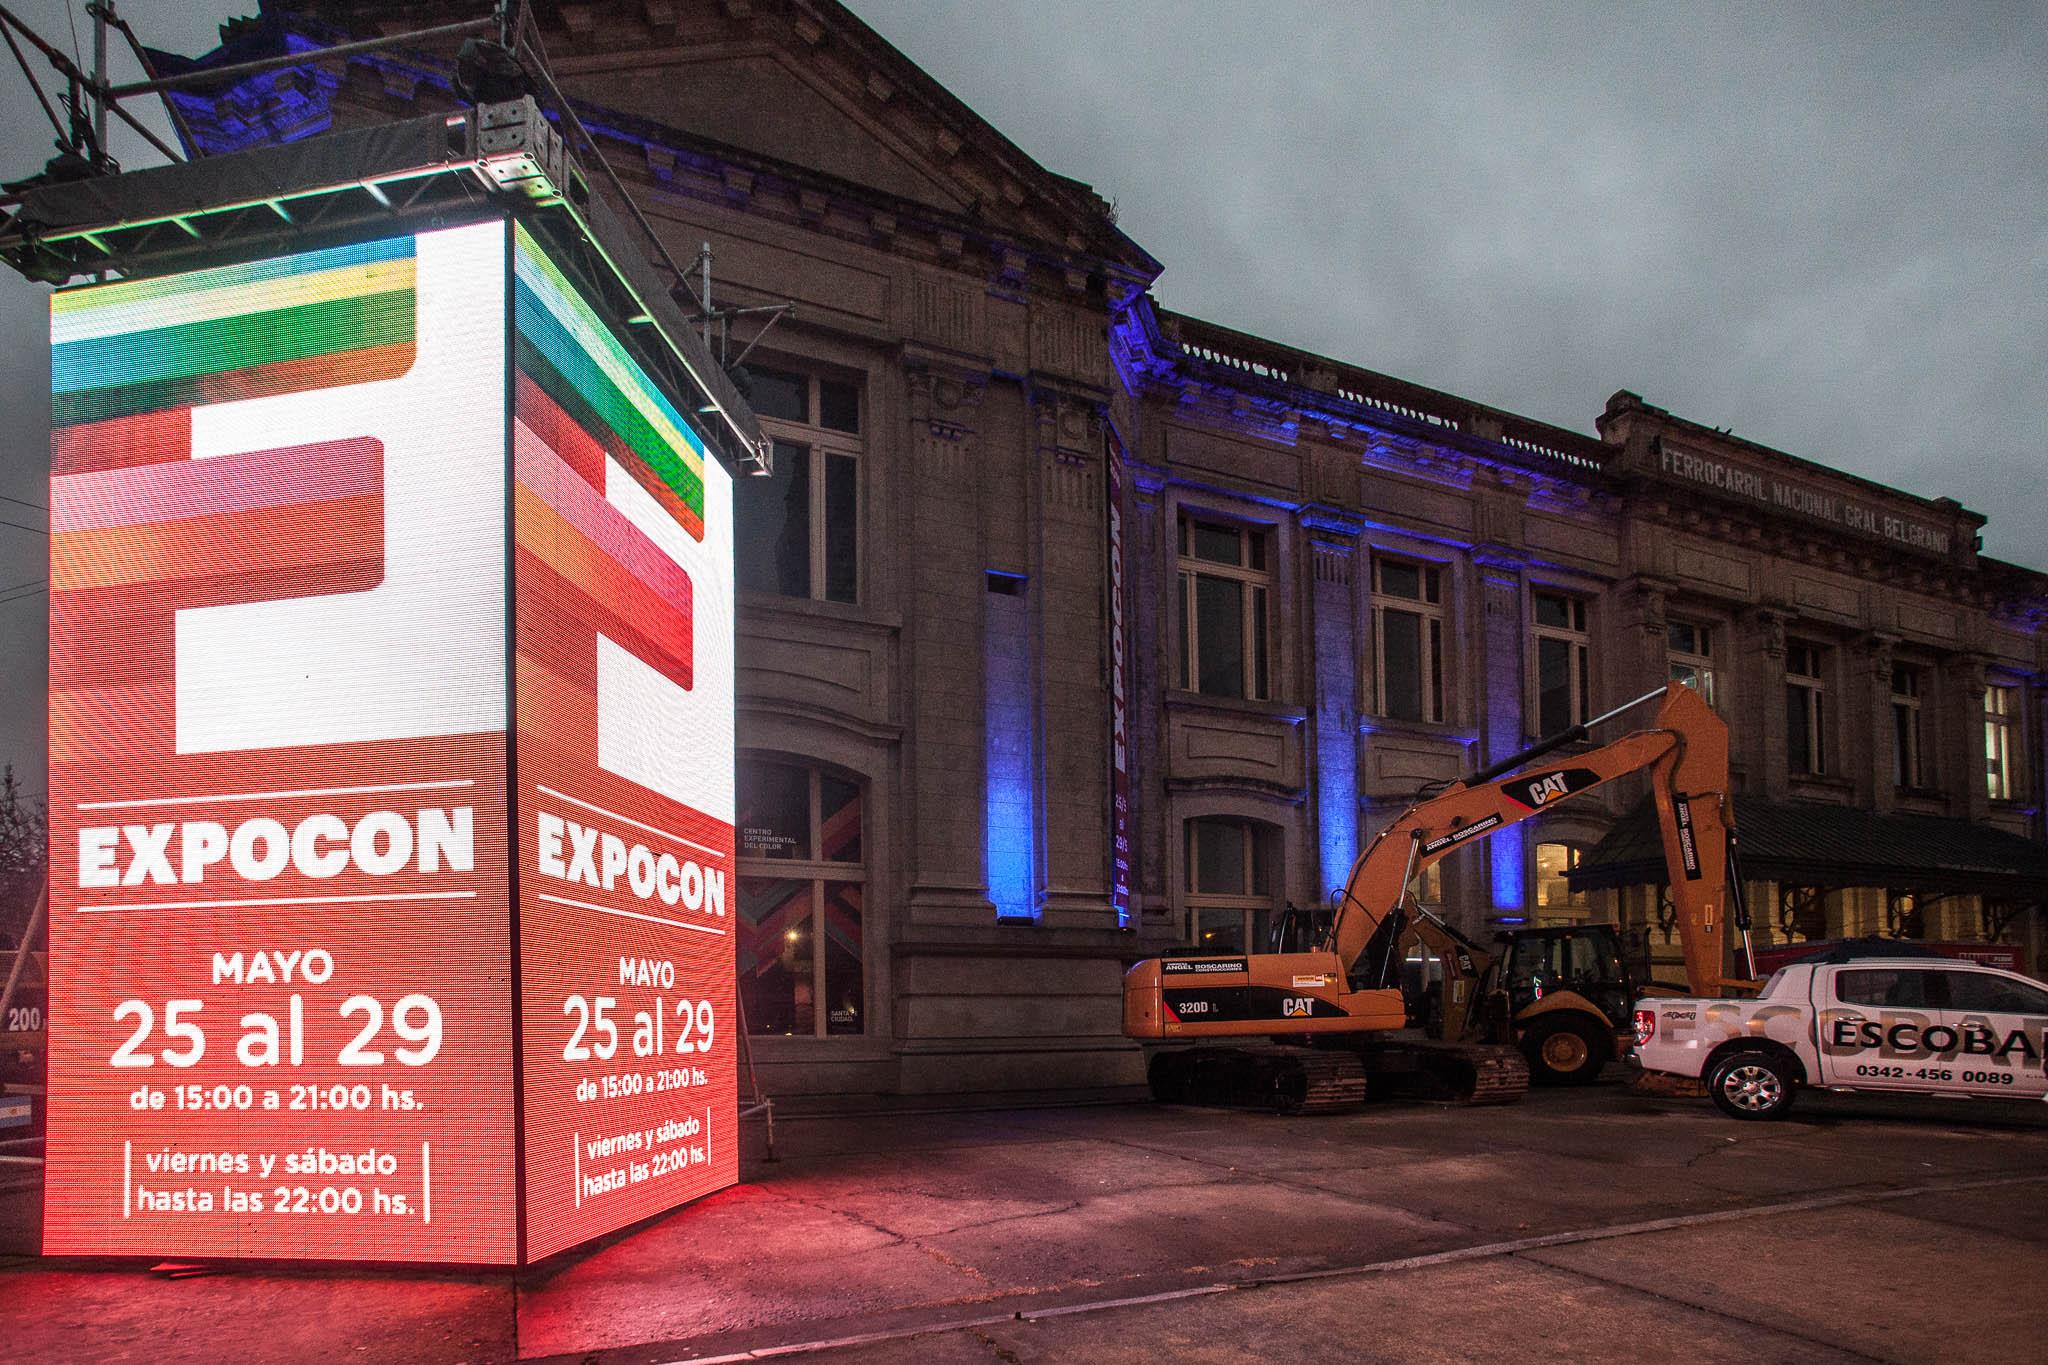 Expocon 2016